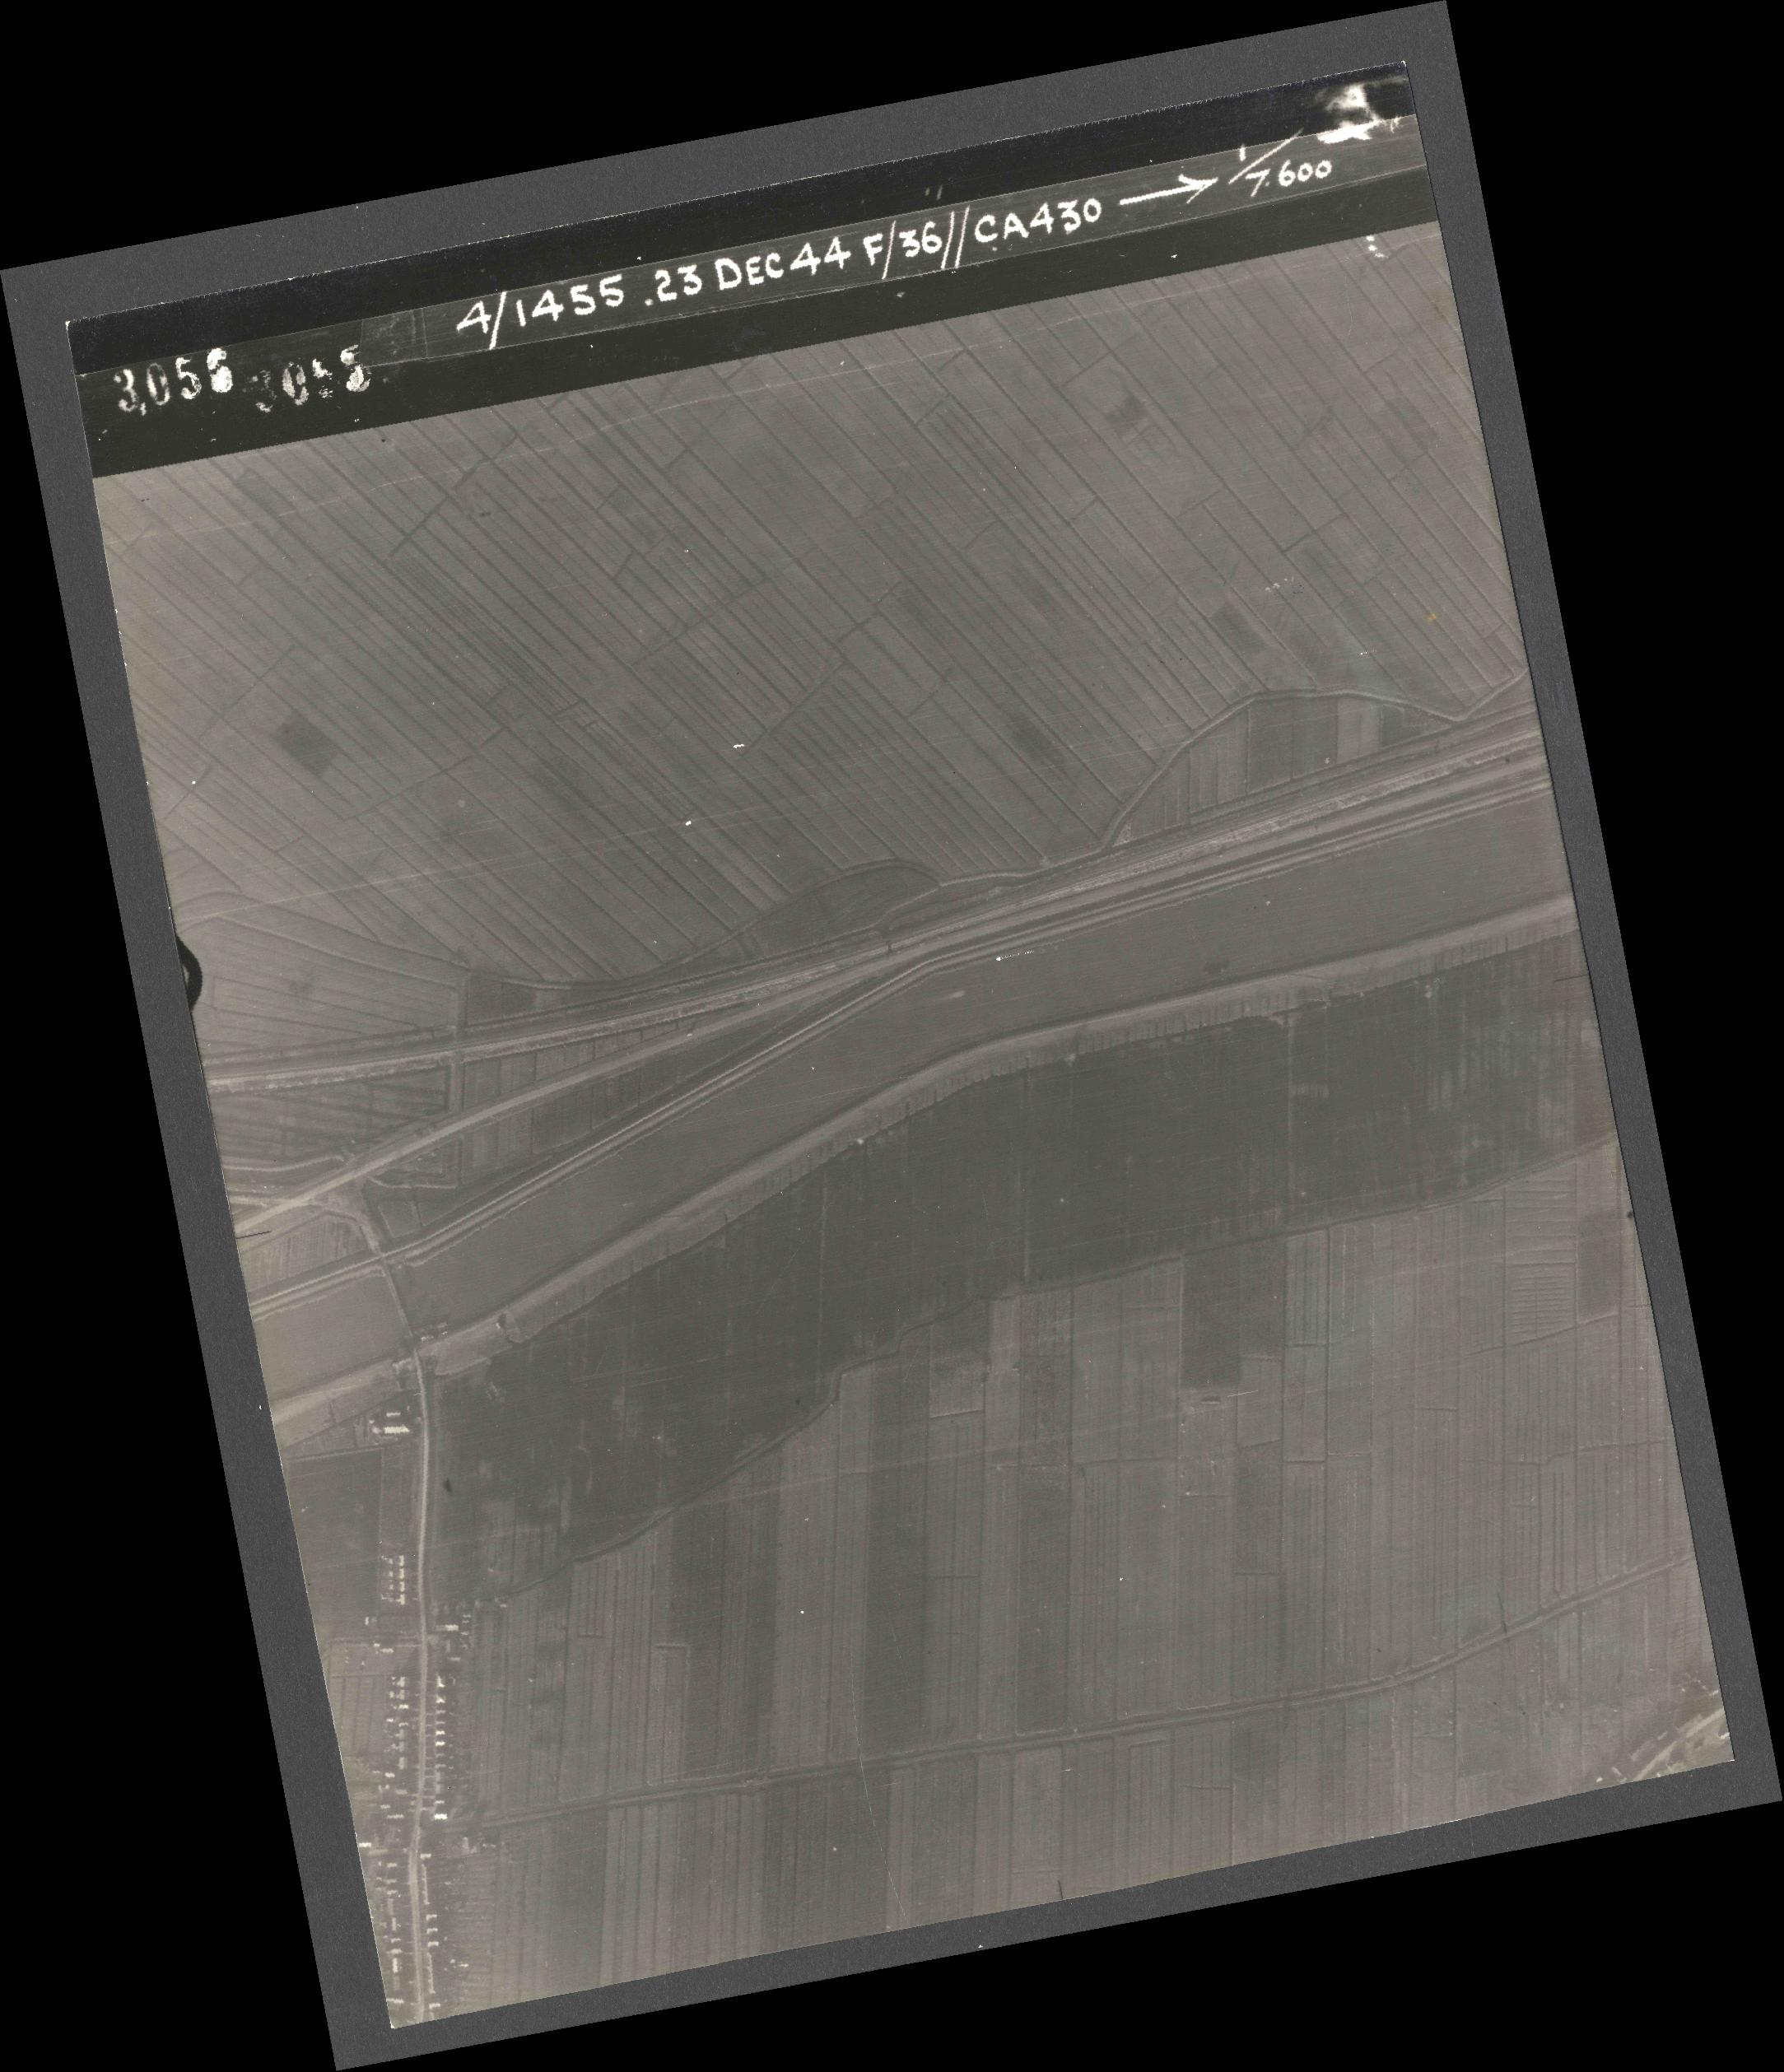 Collection RAF aerial photos 1940-1945 - flight 051, run 07, photo 3056